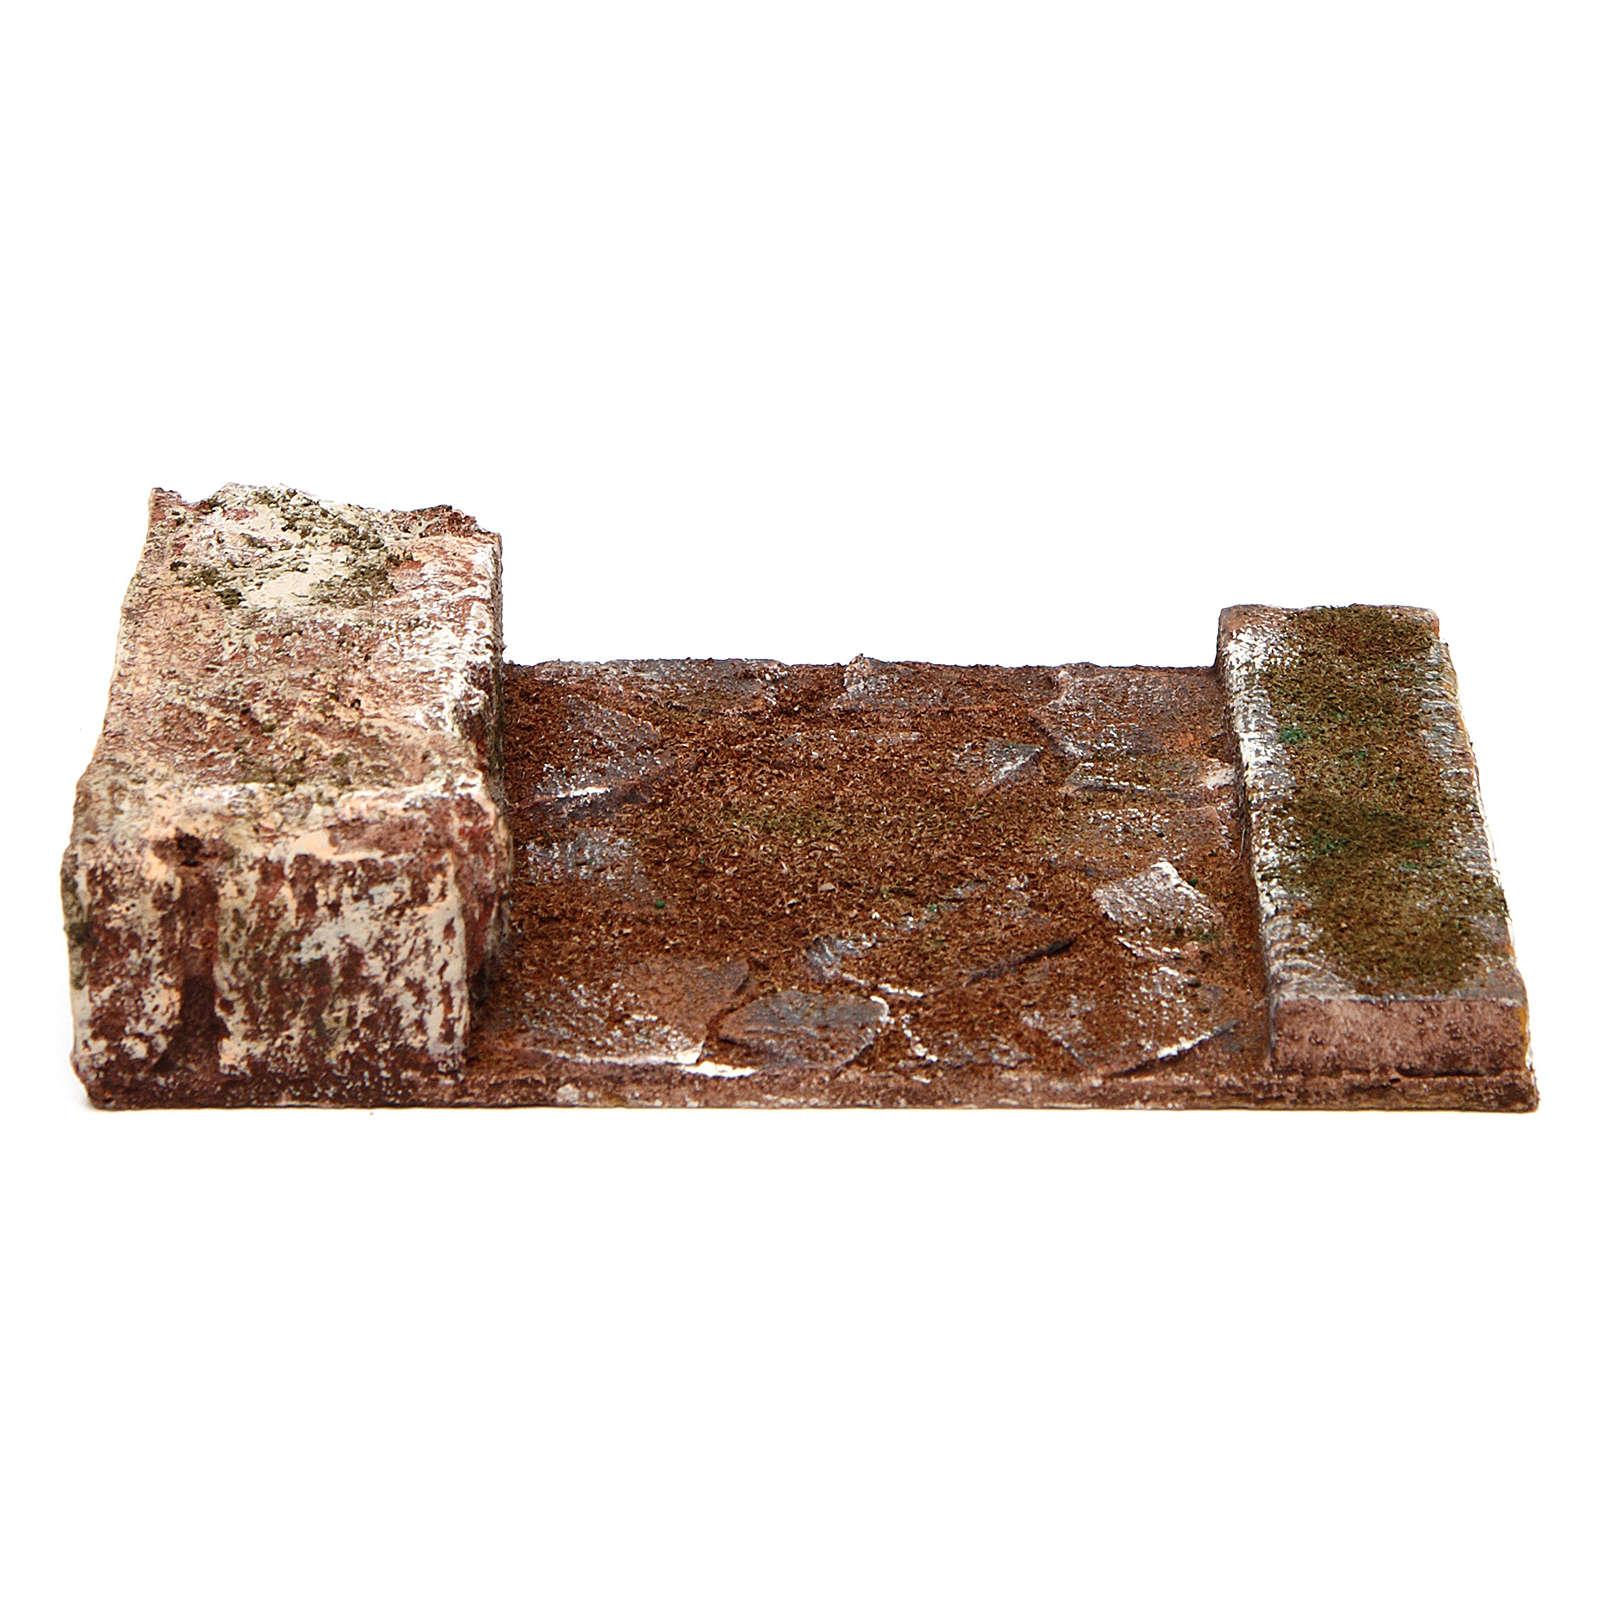 Calle rectilíneo con roca belén 10 cm 4